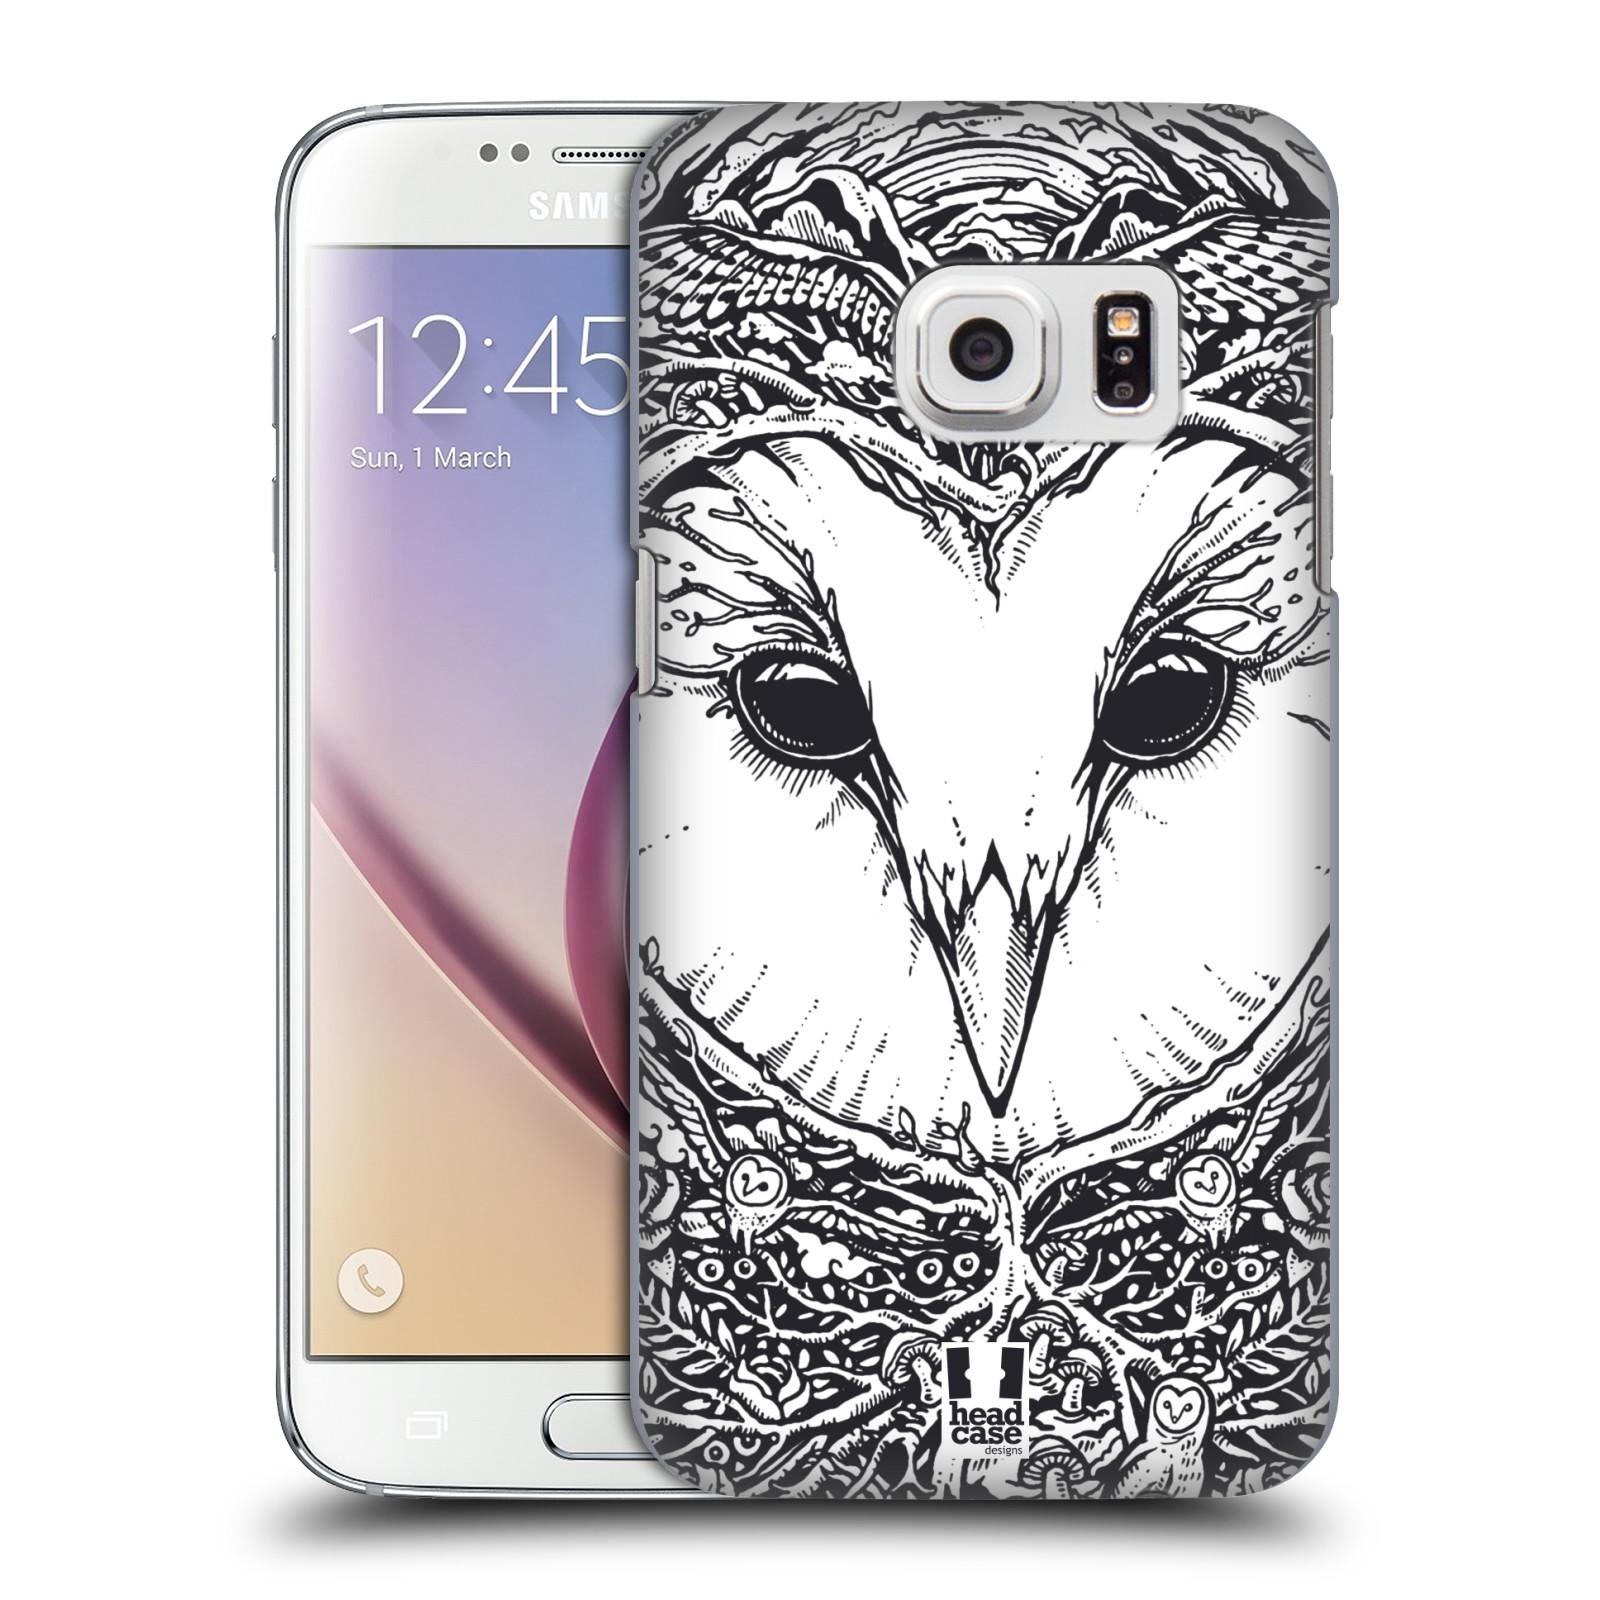 Plastové pouzdro na mobil Samsung Galaxy S7 HEAD CASE DOODLE TVÁŘ SOVA (Kryt či obal na mobilní telefon Samsung Galaxy S7 SM-G930F)